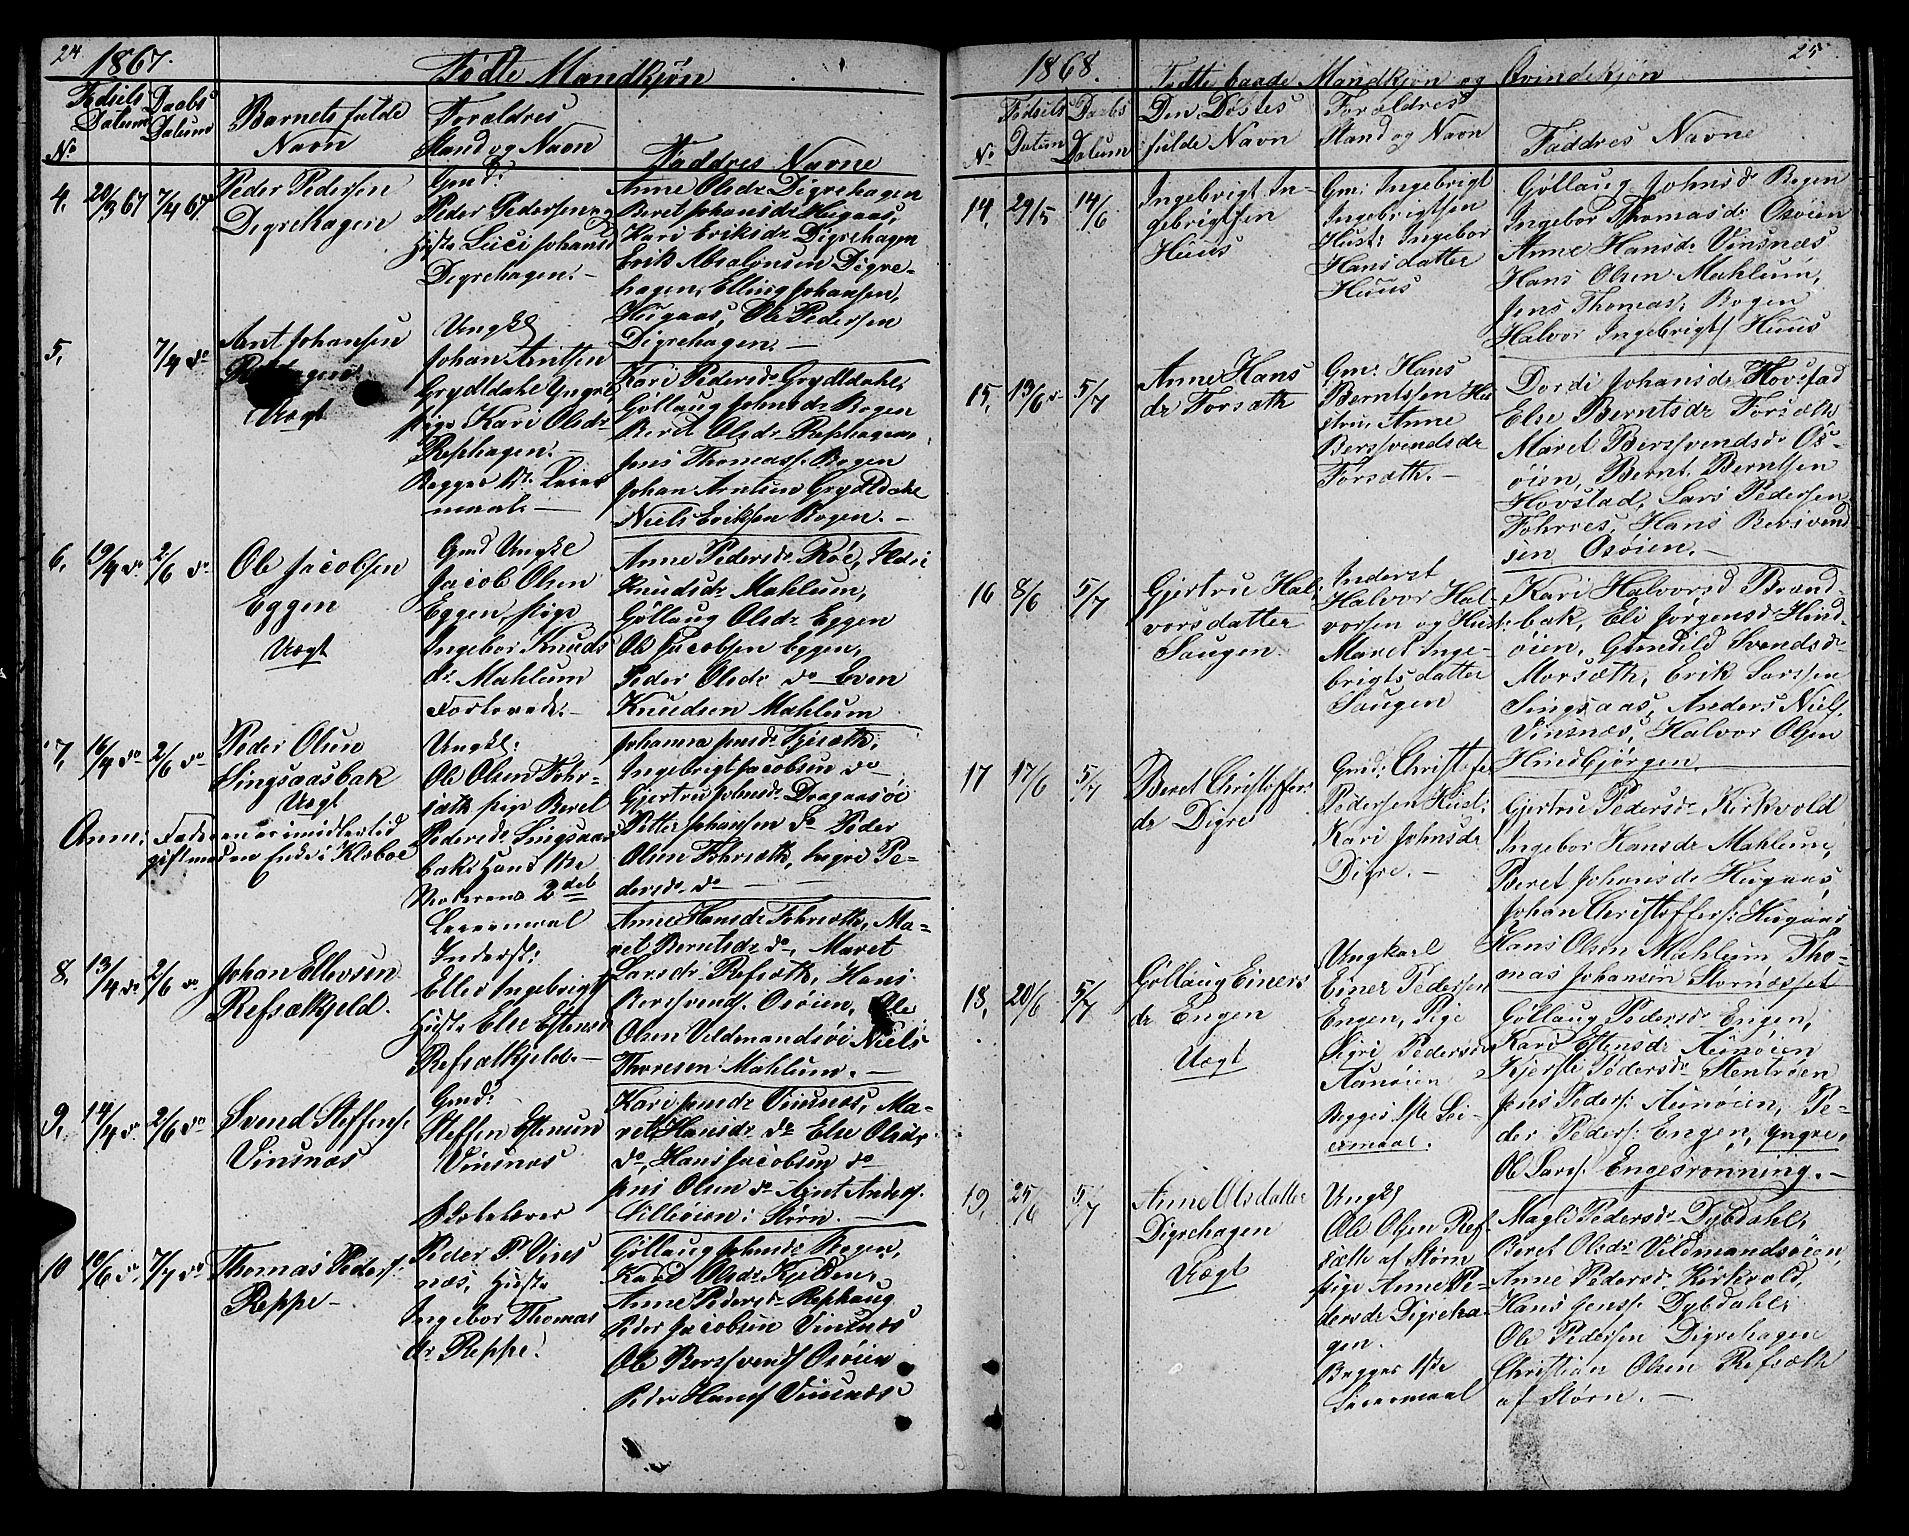 SAT, Ministerialprotokoller, klokkerbøker og fødselsregistre - Sør-Trøndelag, 688/L1027: Klokkerbok nr. 688C02, 1861-1889, s. 24-25